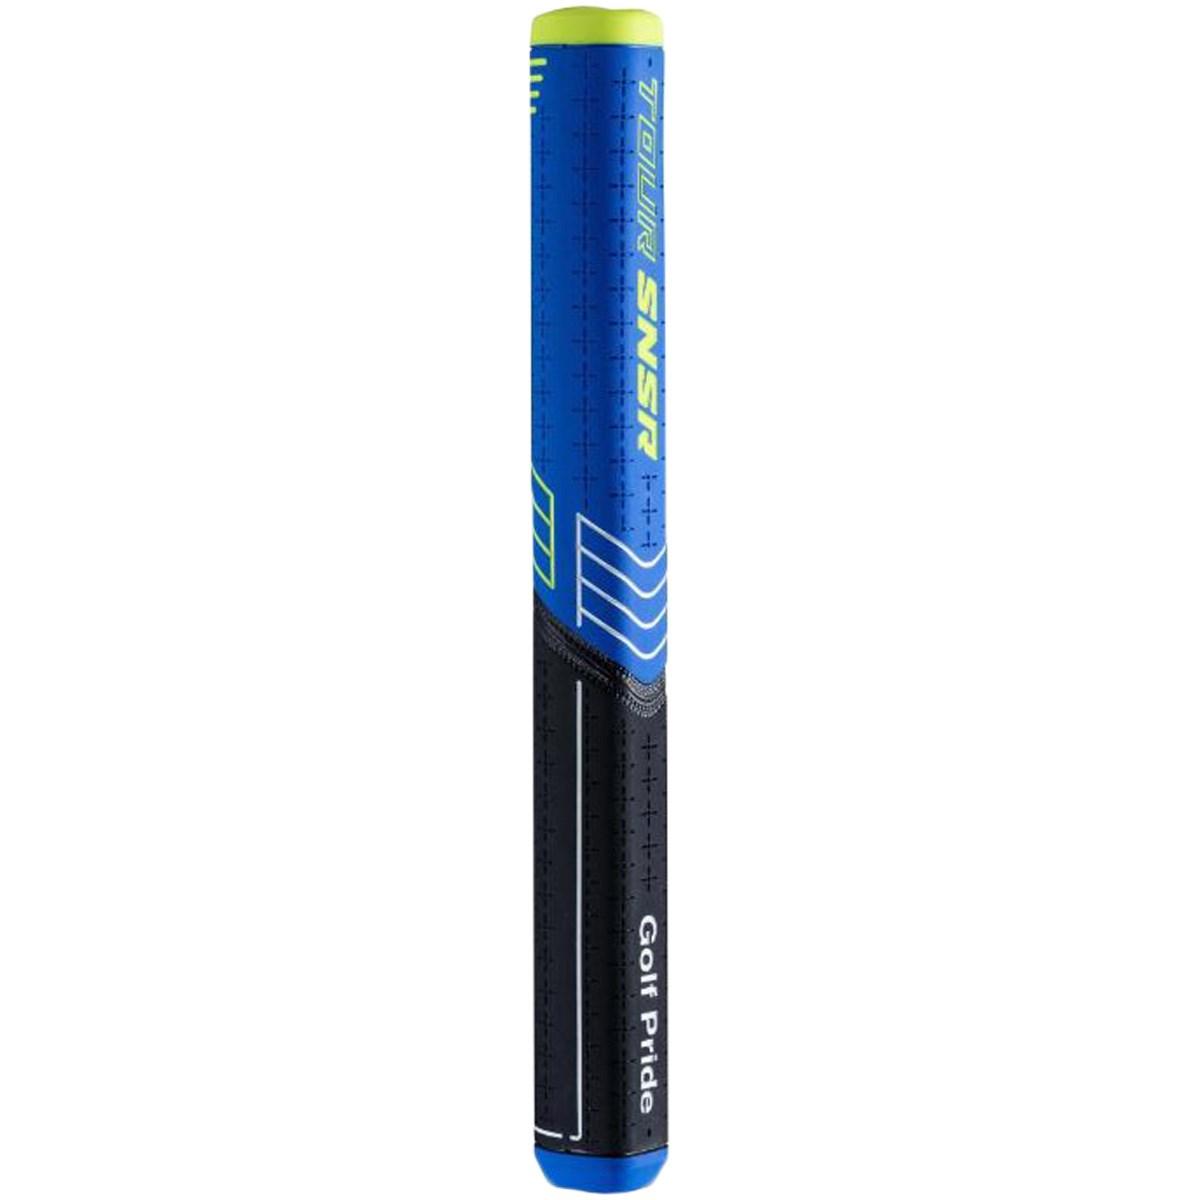 ゴルフプライド Golf Pride ツアーセンサーストレート グリップ パター用 ブラック/ブルー(90g、104cc)